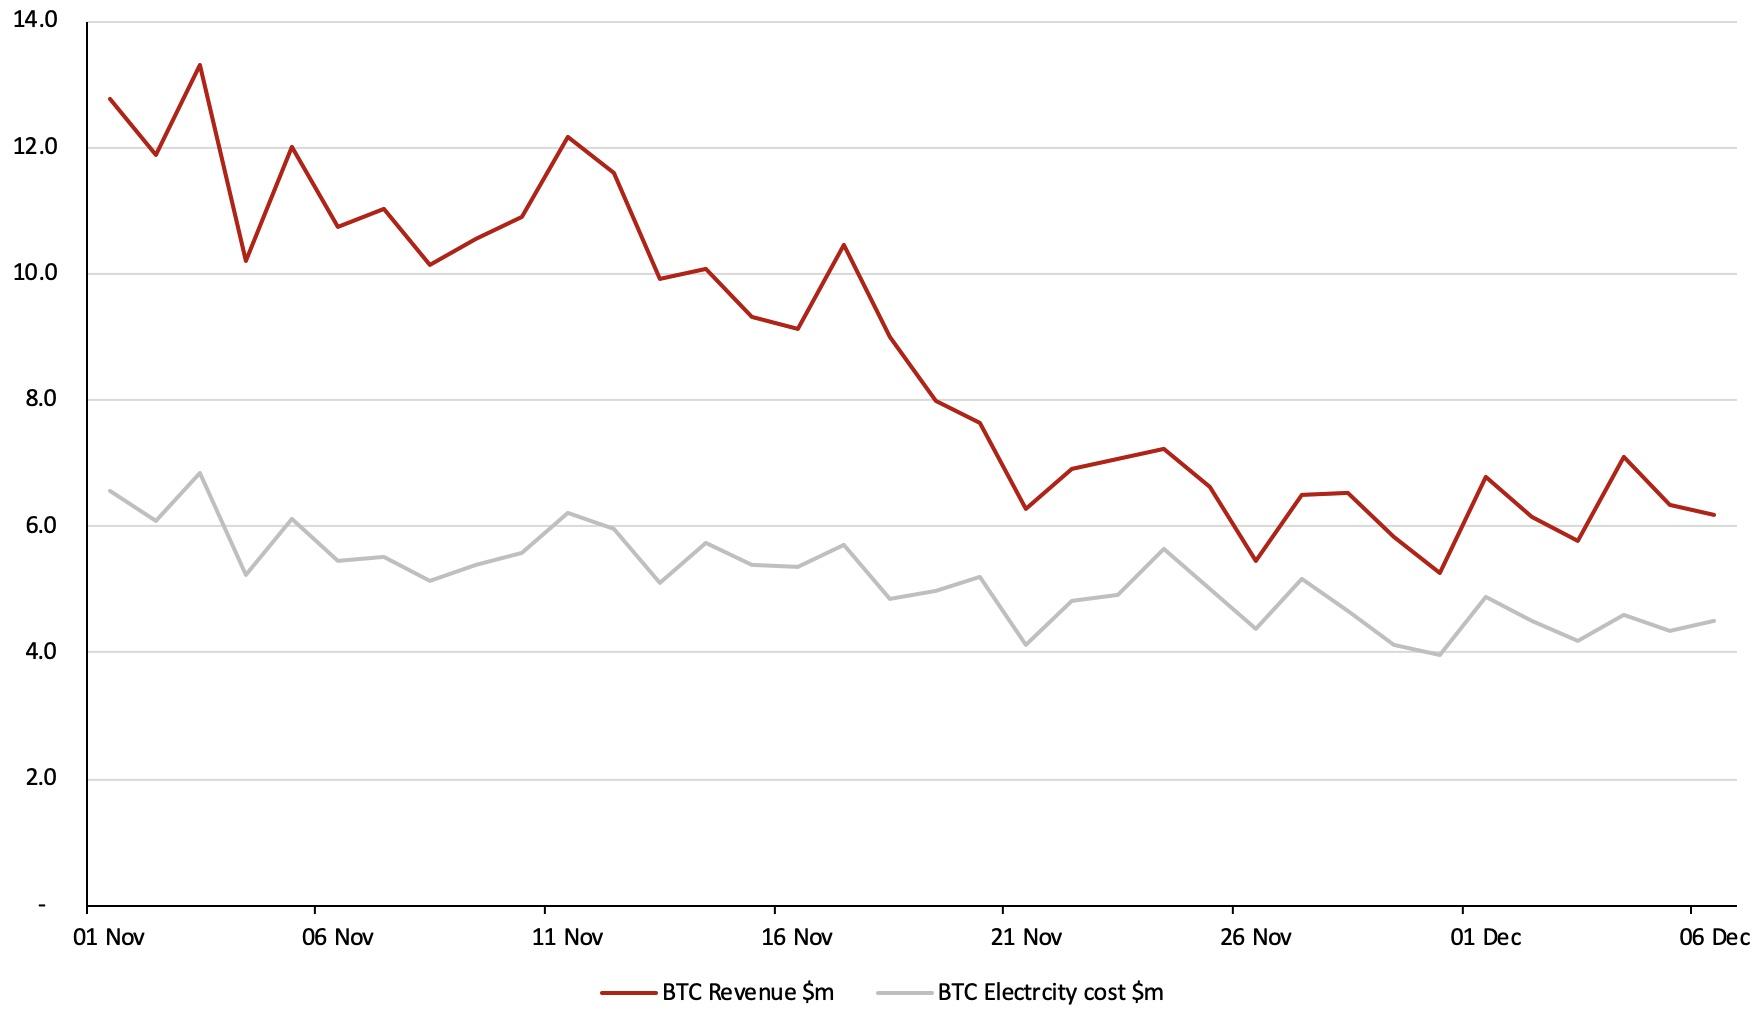 比特币每日挖矿收入与预计的电力成本。来源:BitMEX研究院、Poloniex。